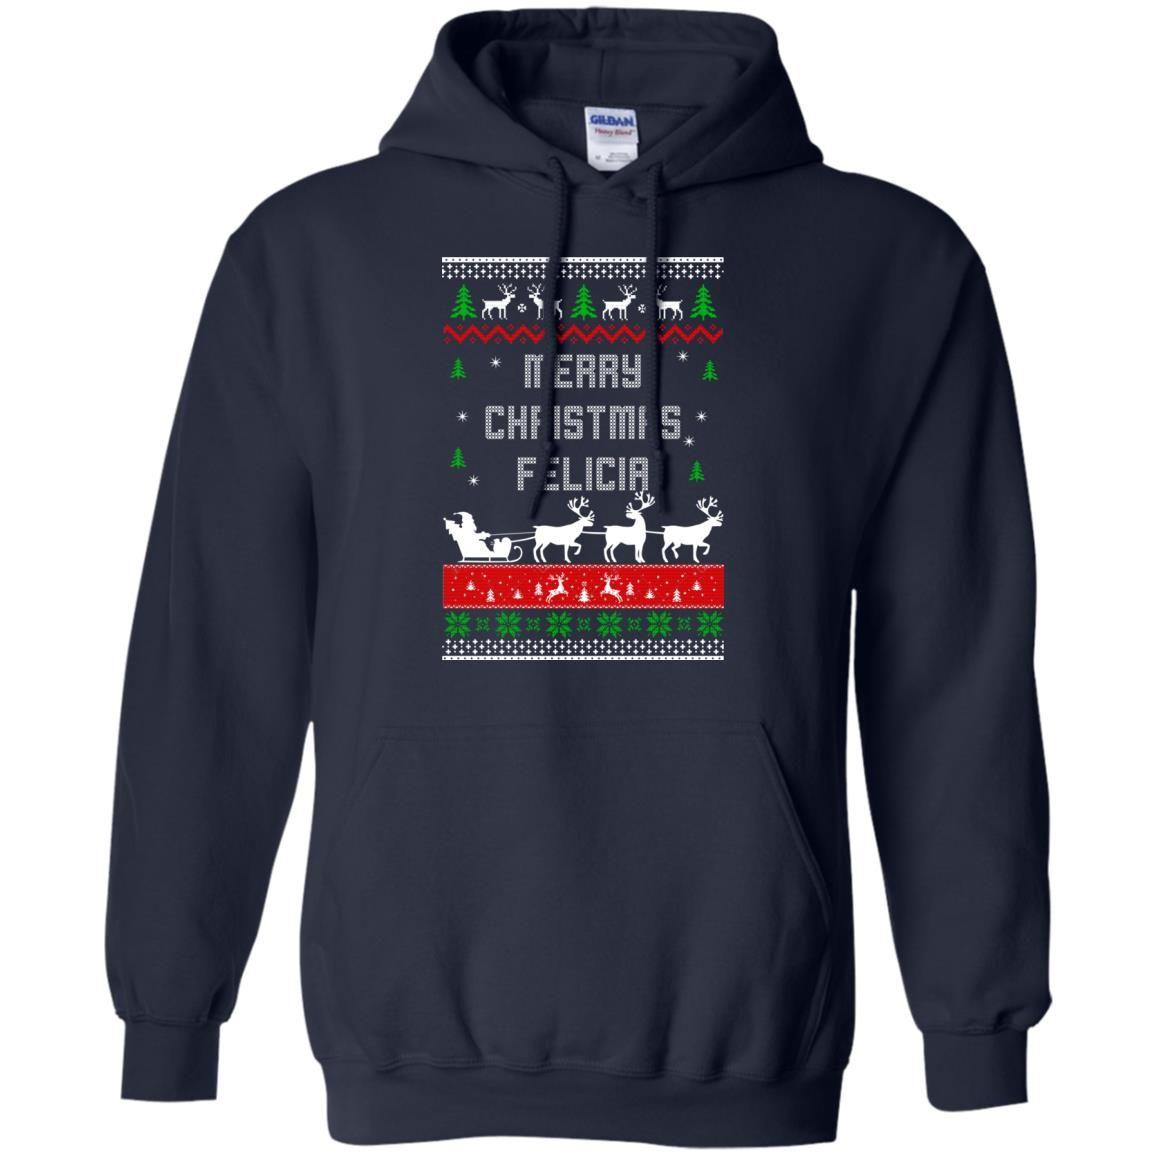 image 1674 - Raxo Merry Christmas Felicia ugly sweater, hoodie